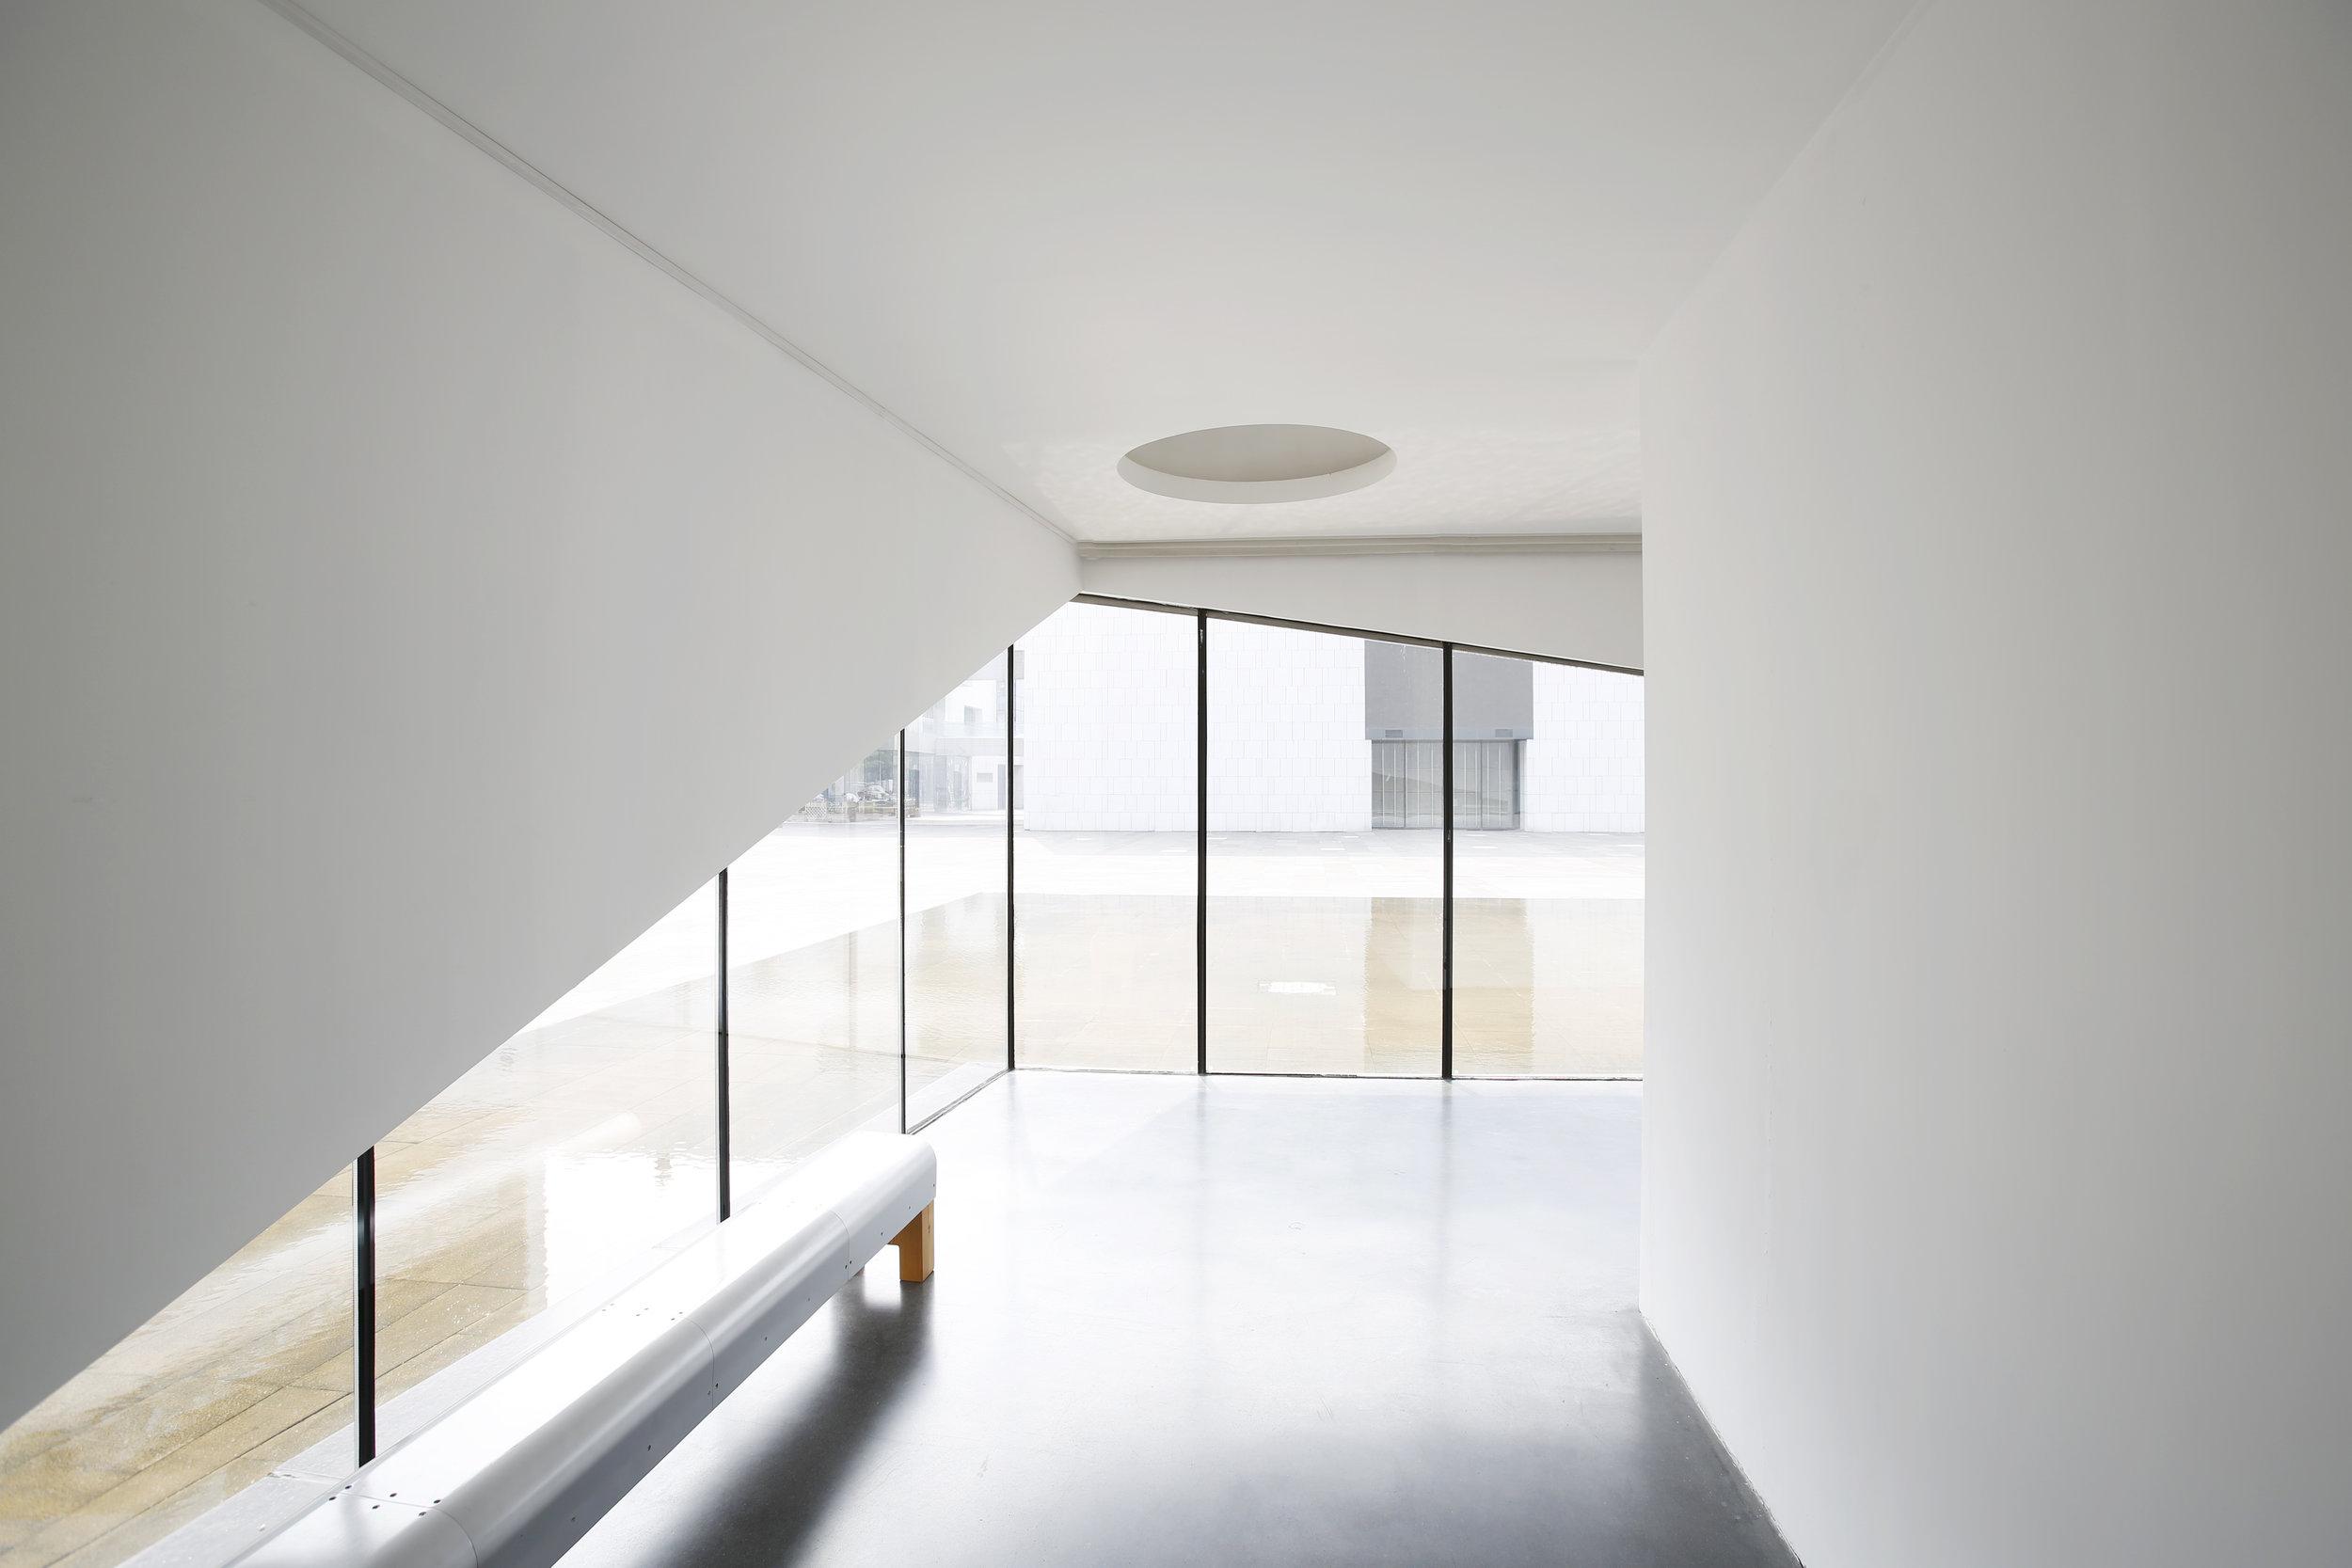 美术馆一层的廊道与水景落地窗